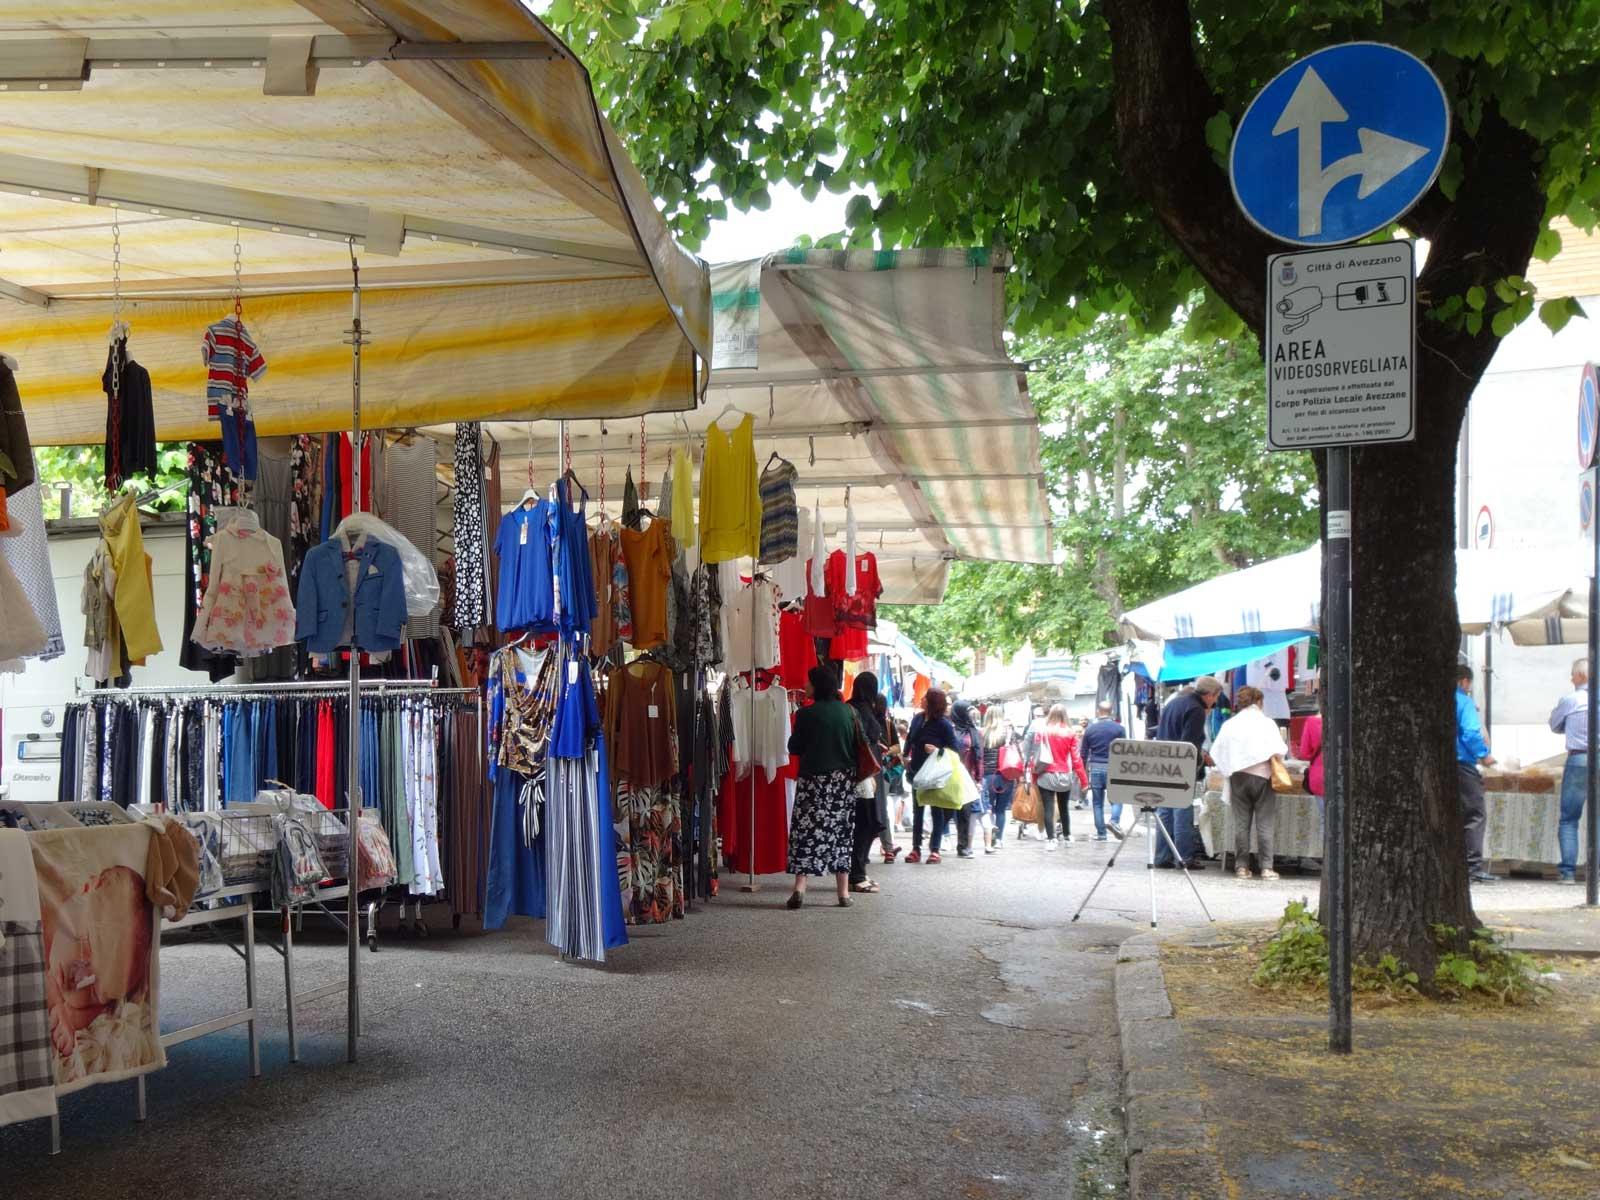 Ritorno del mercato in centro ad Avezzano, il Comitato dei Commercianti ringrazia i consiglieri comunali